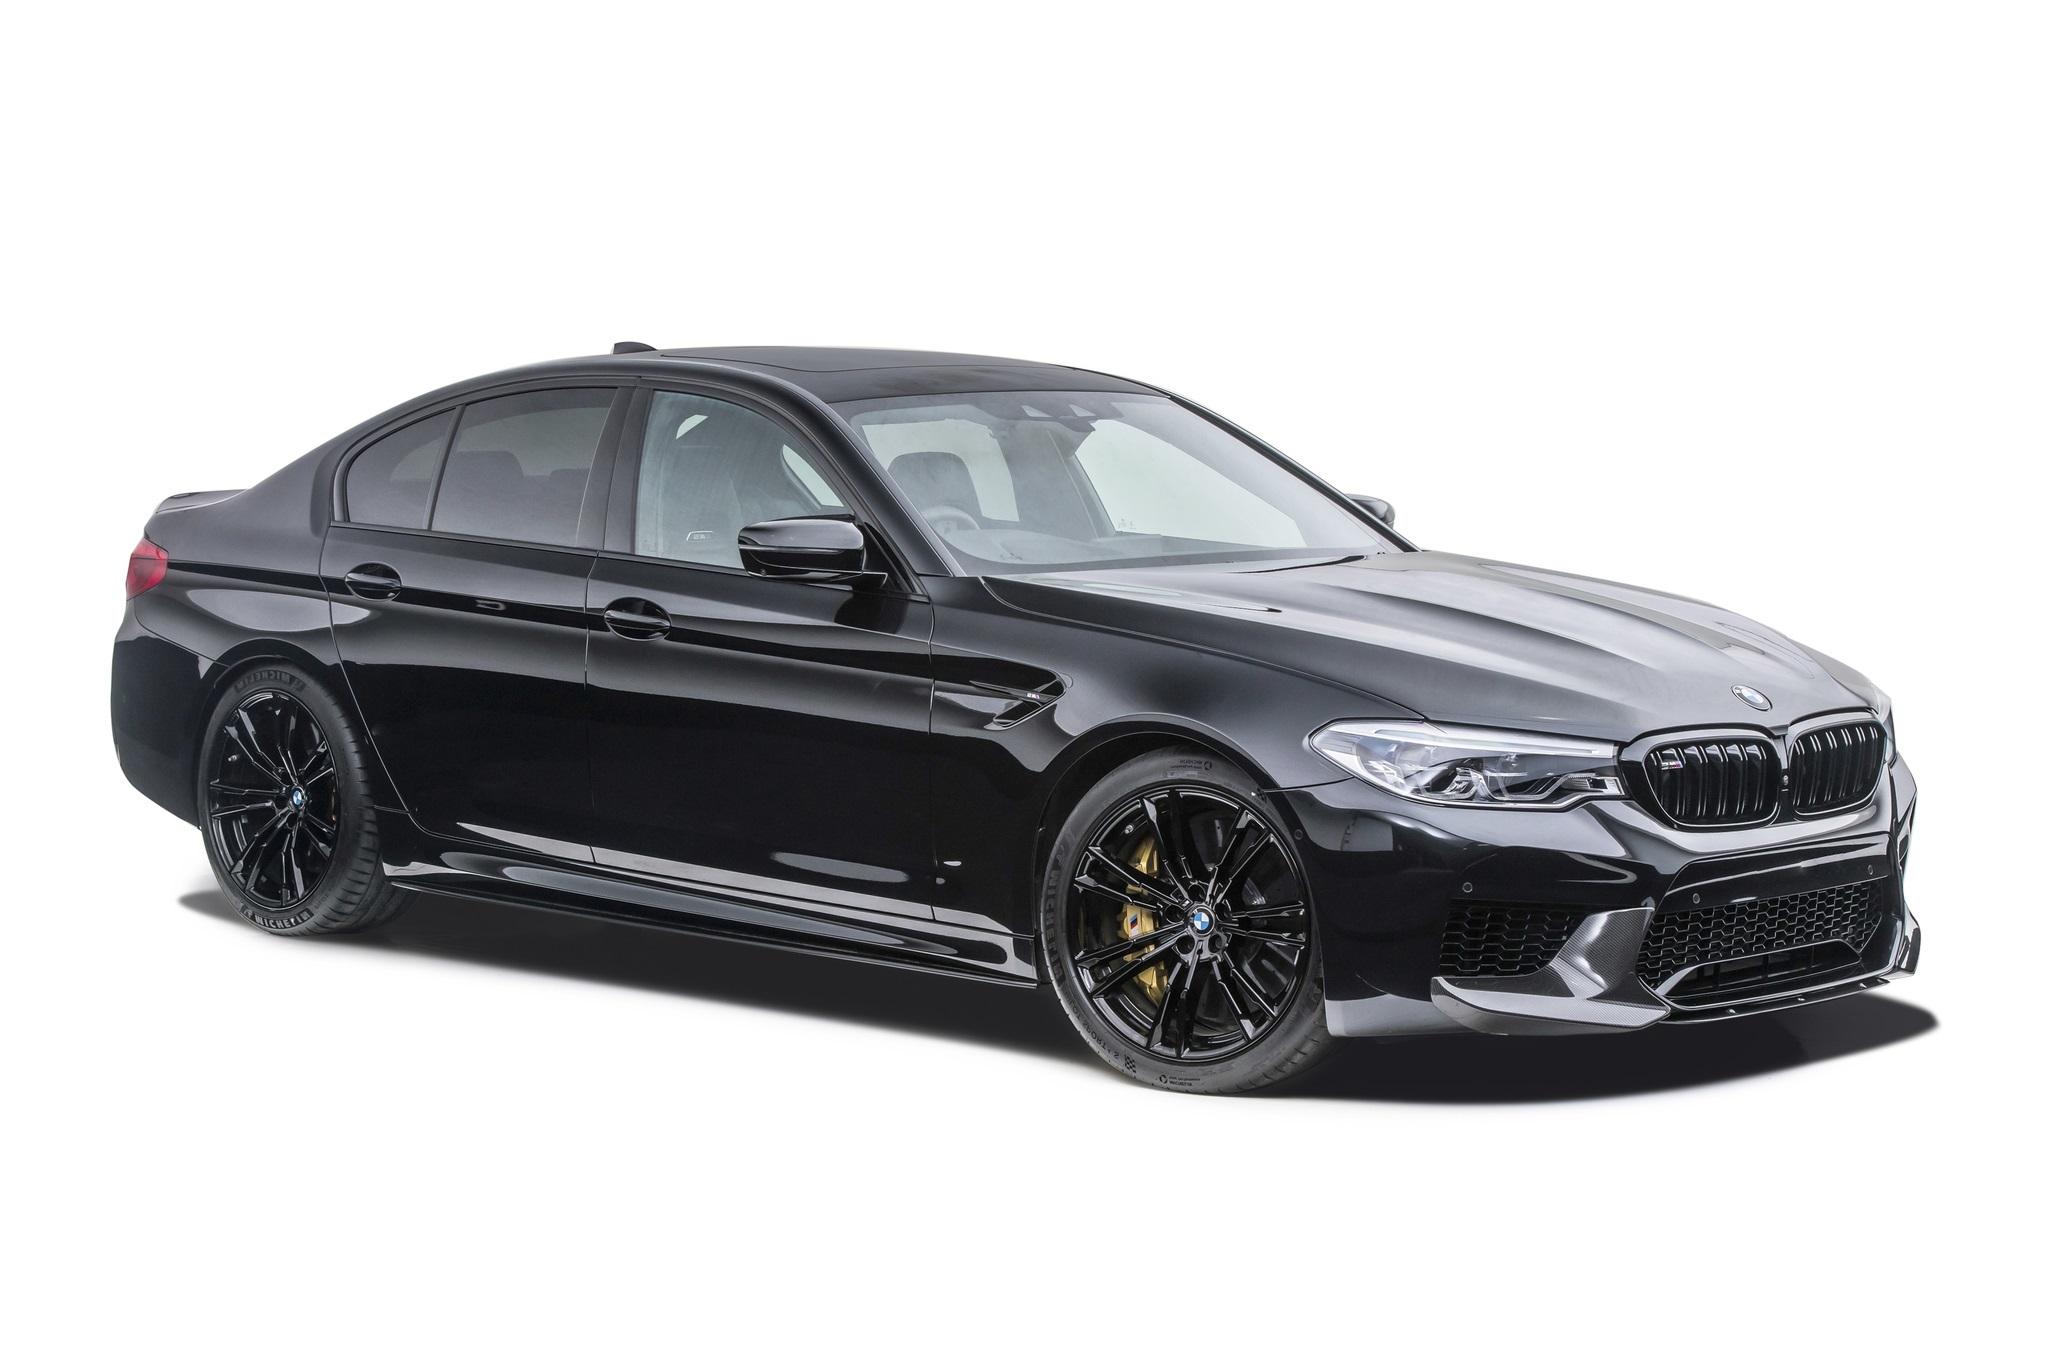 Sterckenn Carbon Fiber front splitter for BMW M5 F90 new model